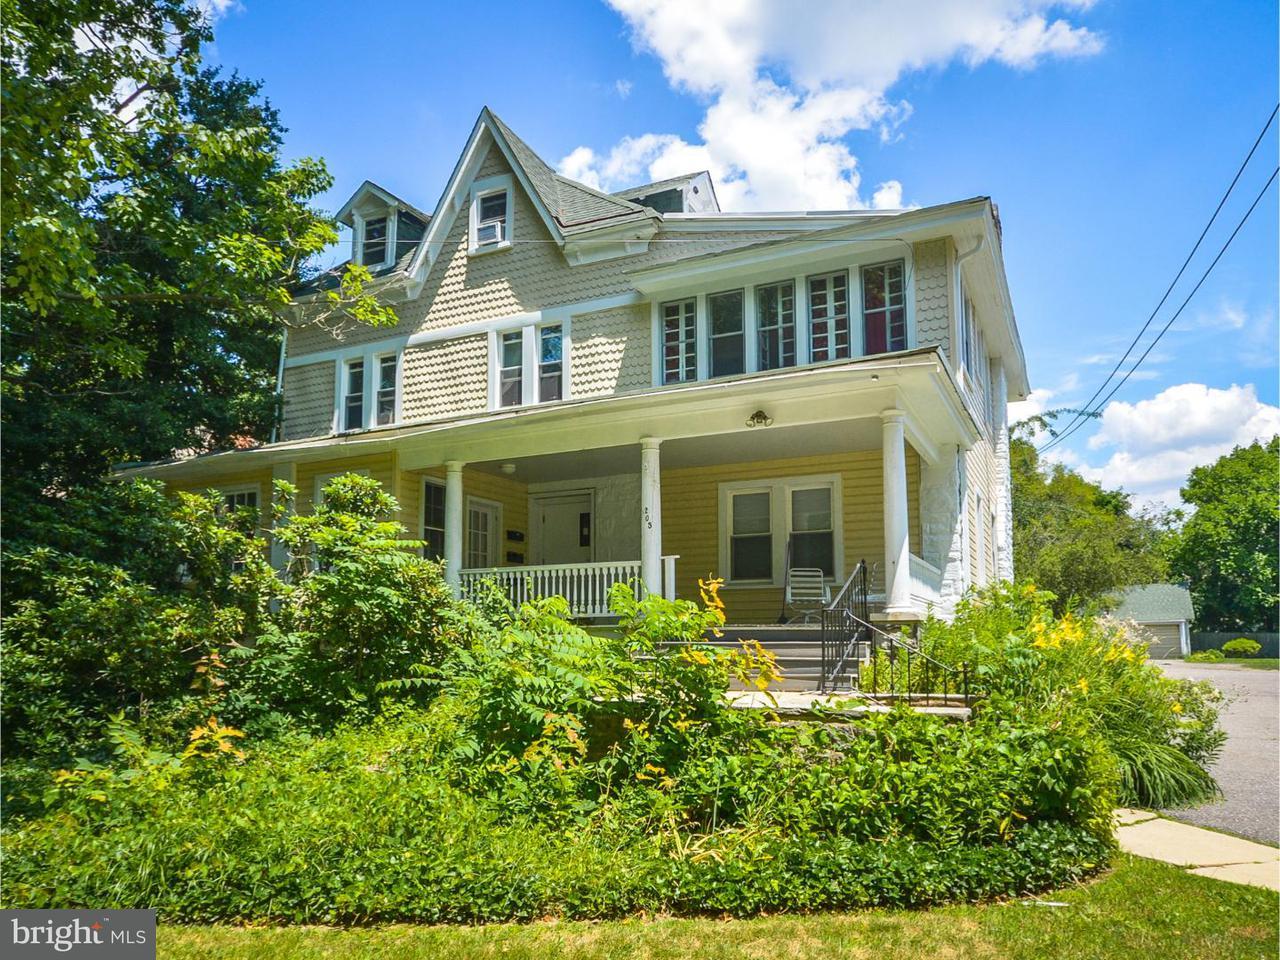 Casa Unifamiliar por un Alquiler en 205 S SWARTHMORE AVE #1 Swarthmore, Pennsylvania 19081 Estados Unidos